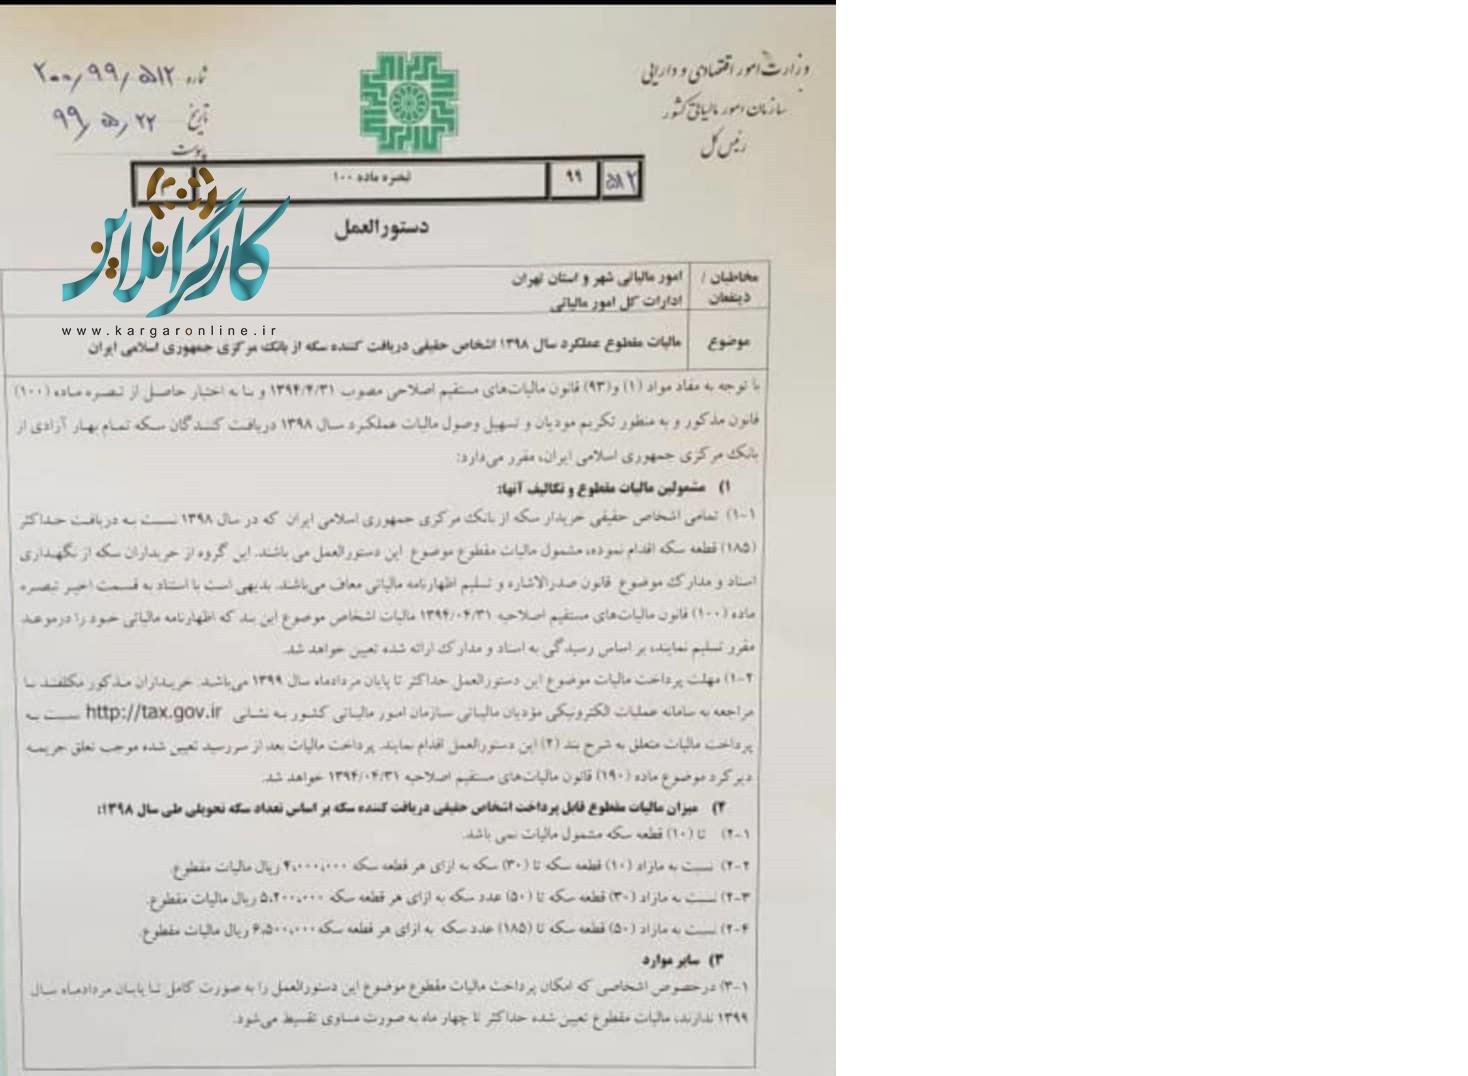 مالیات خرید سکه تا ۶۵۰ هزار تومان تعیین شد